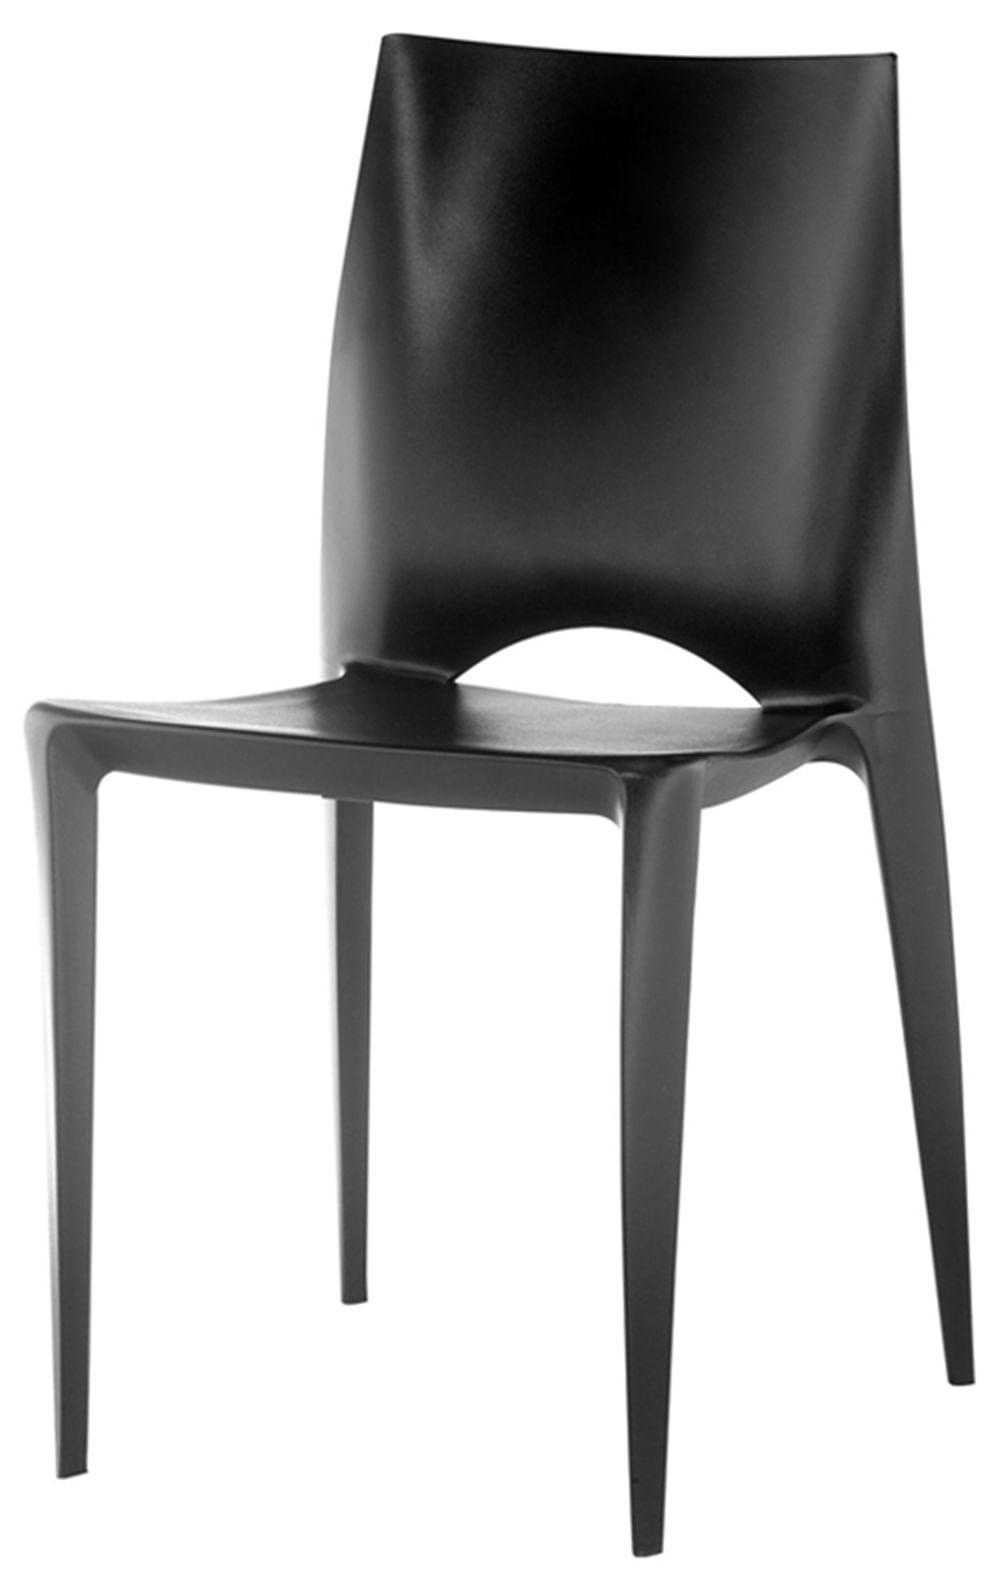 Cadeira Daiane Produzida em Polipropileno Preto - 8176